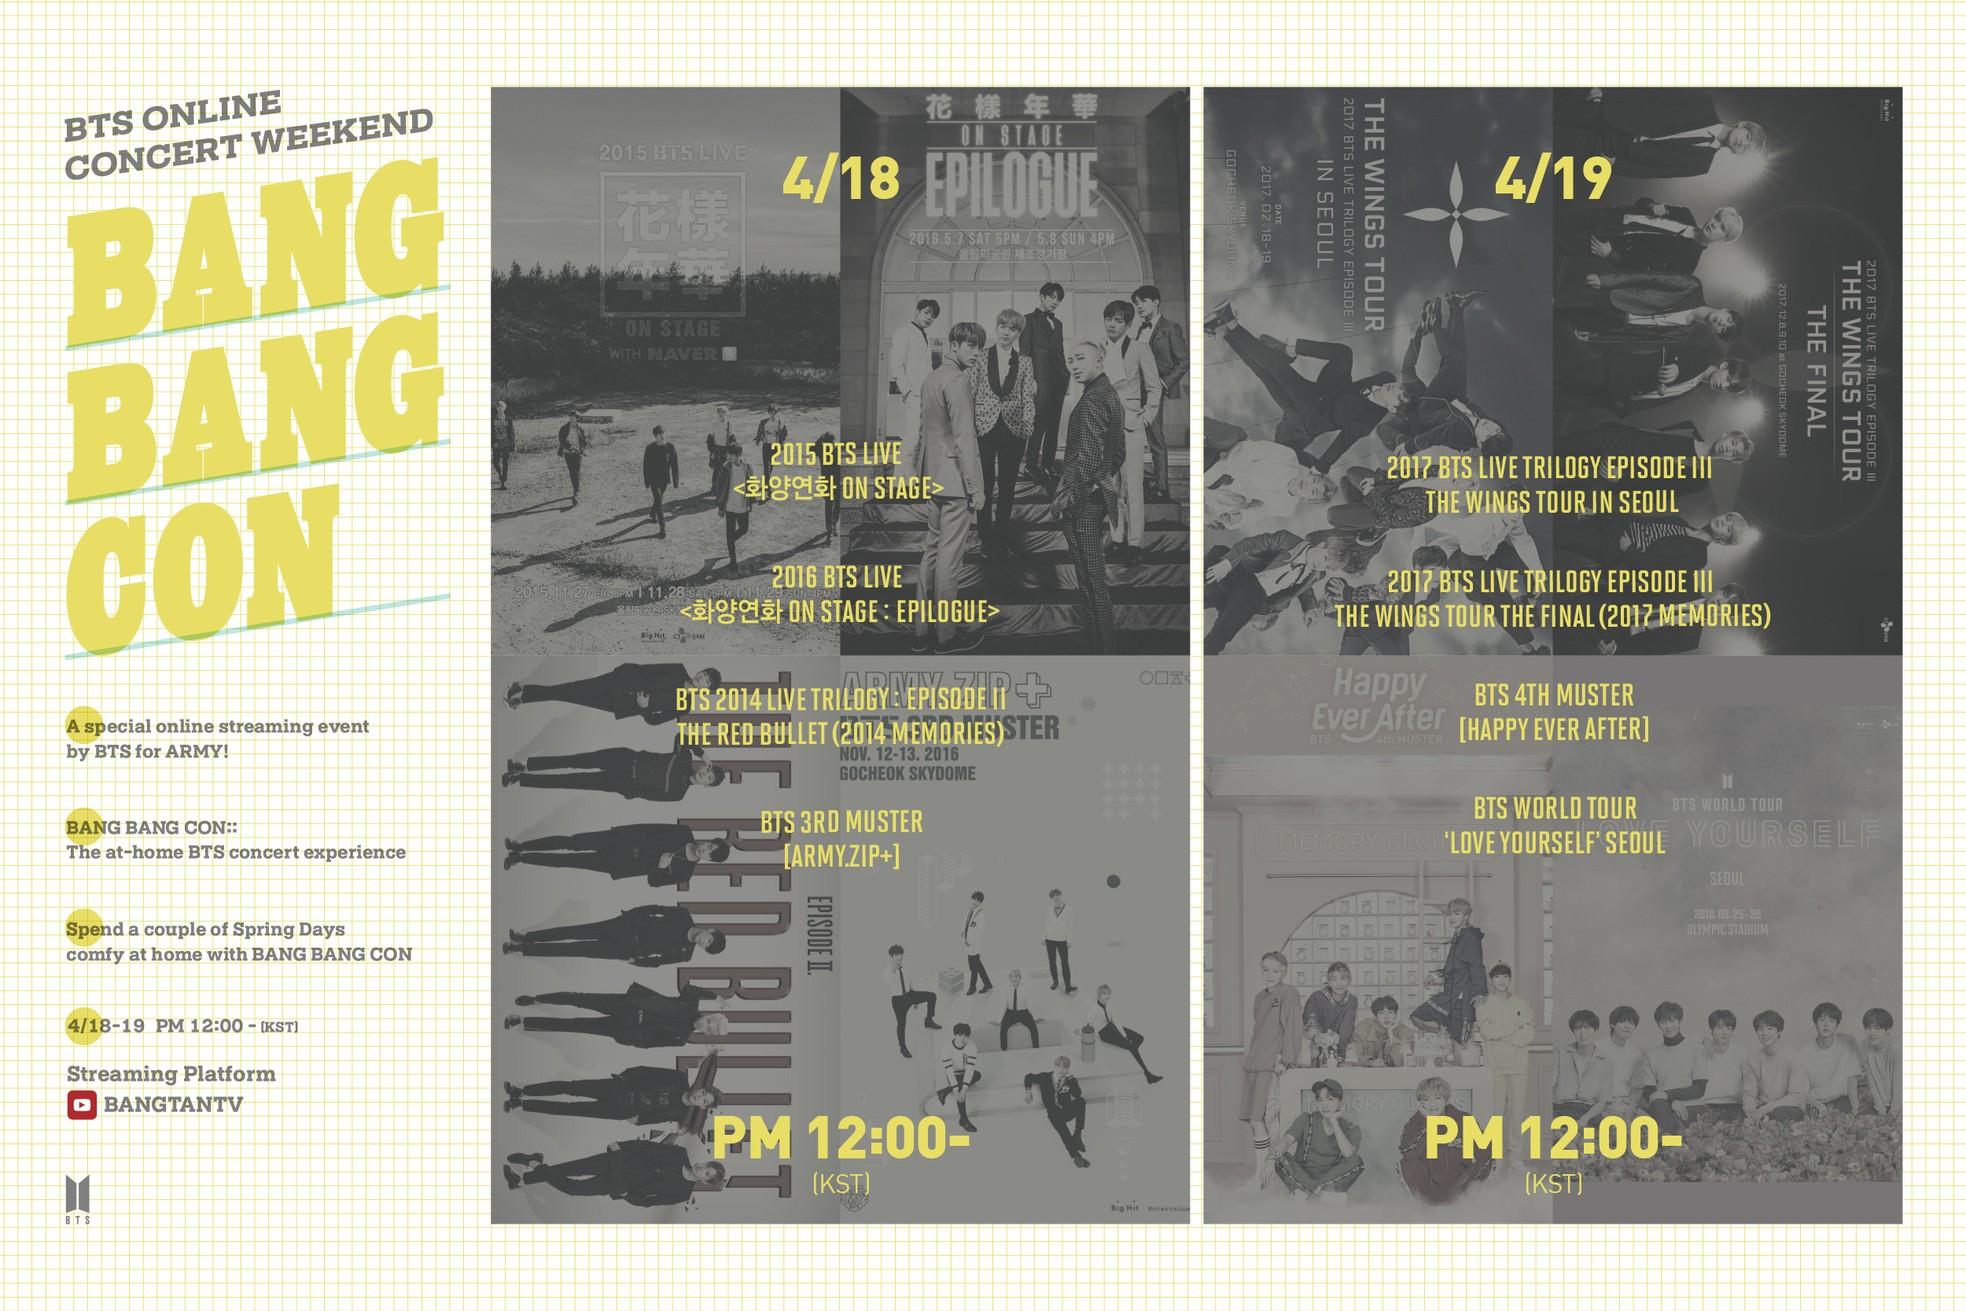 """""""Bang Bang Con"""" - Chuyến du hành vượt thời gian đầy cảm xúc của ARMY ảnh 2"""